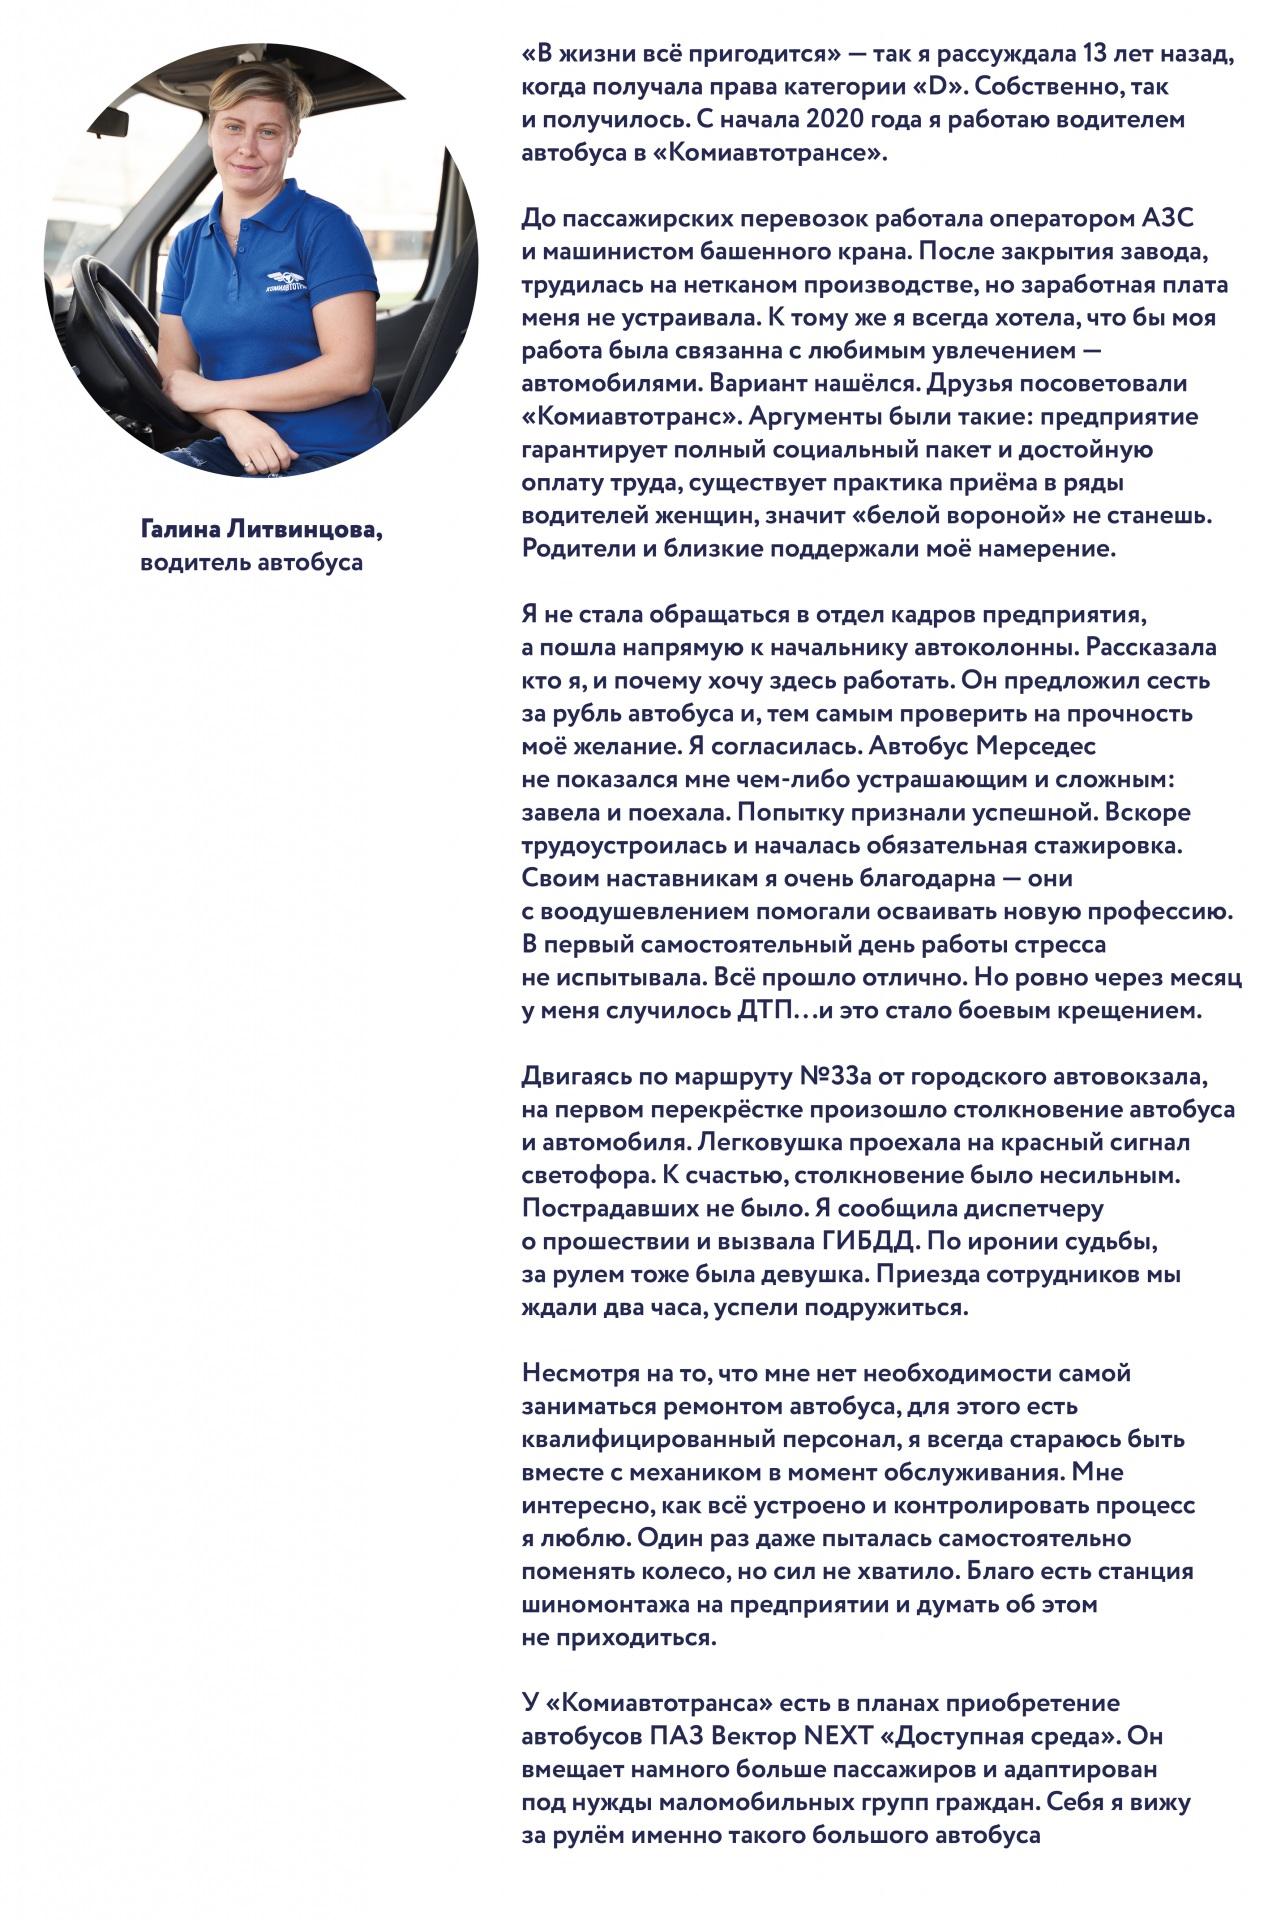 G.-Litvinzova-01.jpg